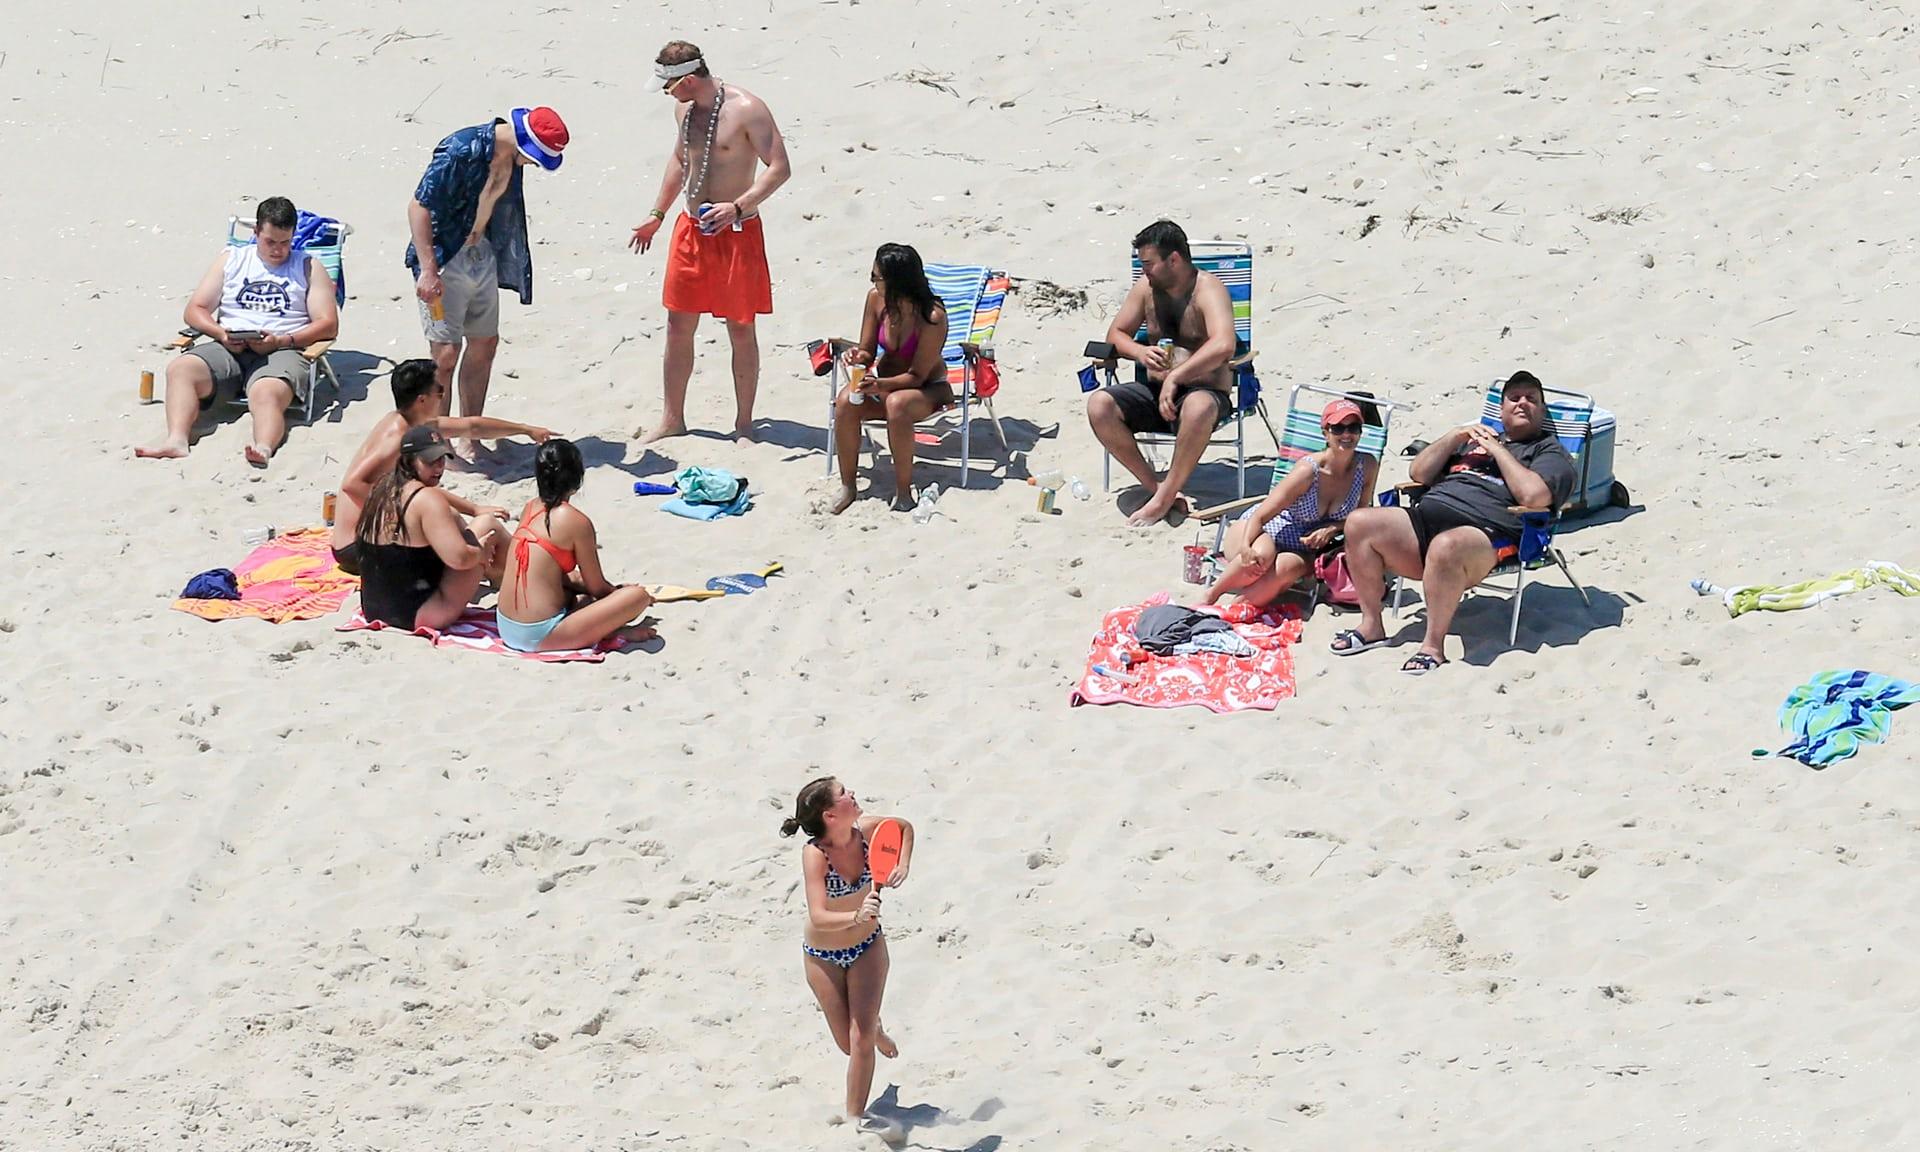 Крис Кристи на пляже. Фото: theguardian.com